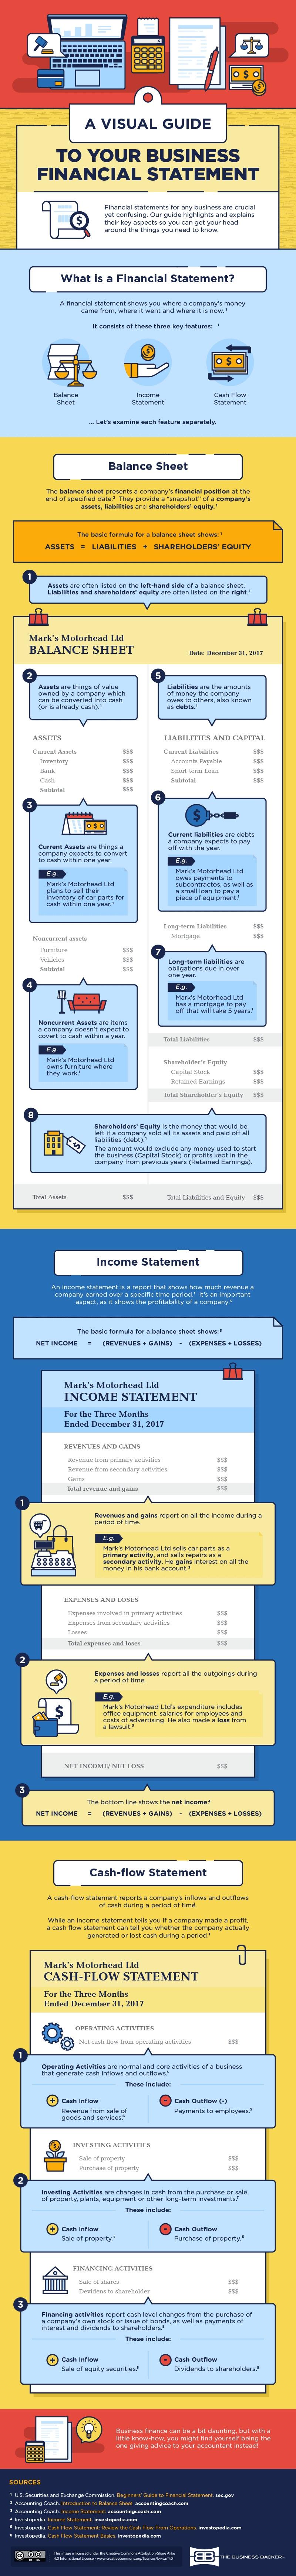 Business Financial info